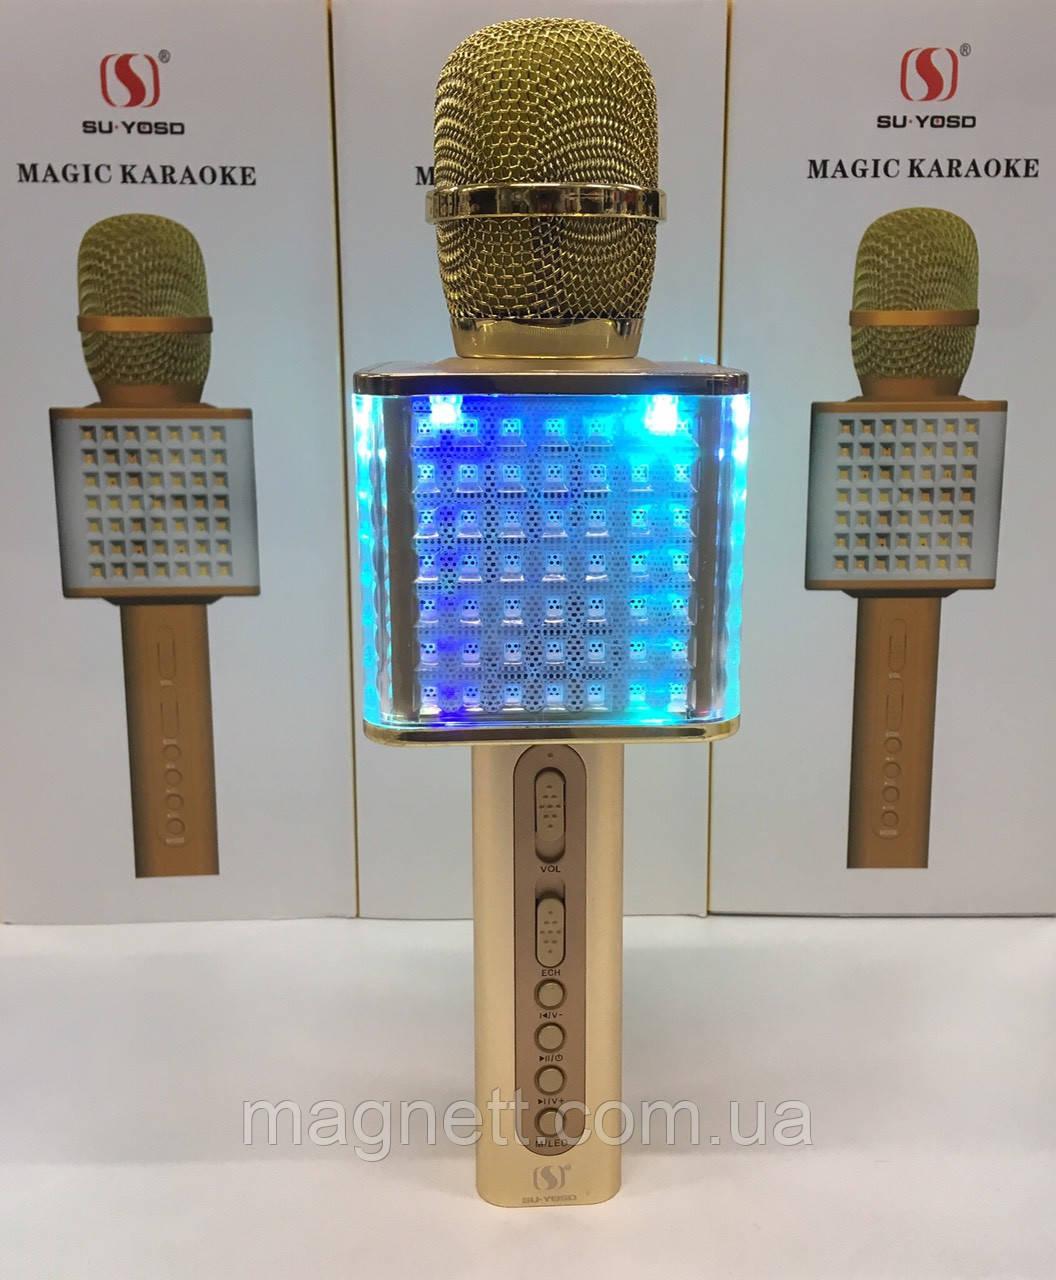 Портативный беспроводной микрофон для караоке Magic YS-86 золотой 18W